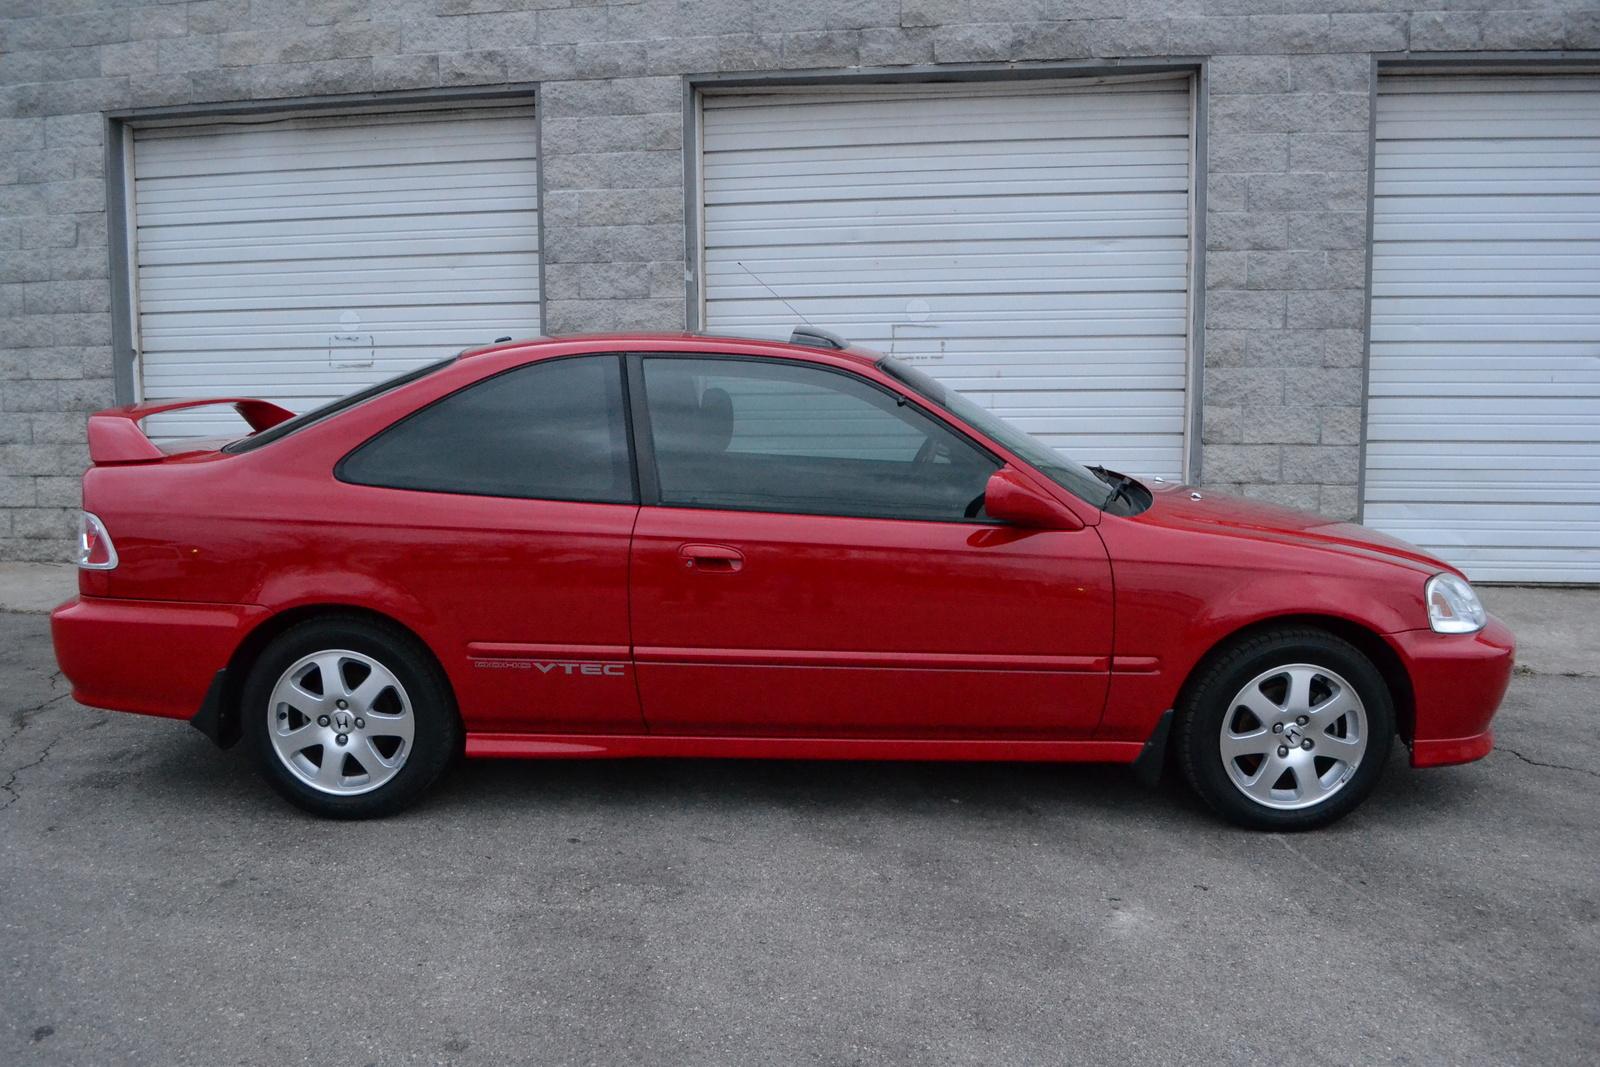 2000 Honda Civic - Pictures - CarGurus